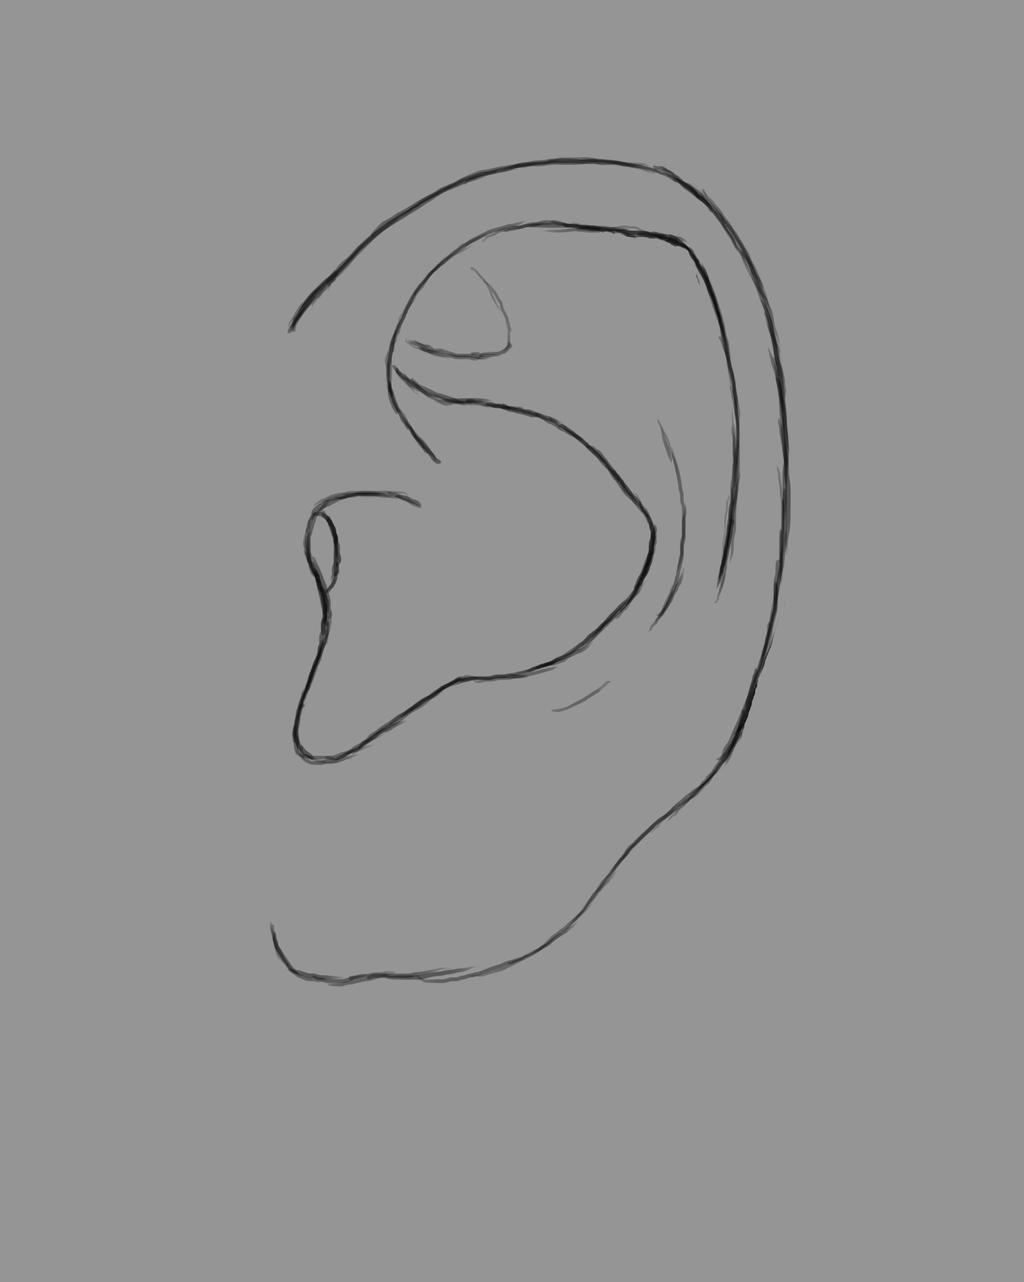 Ear Daily sketch #492 by GothicVampireFreak